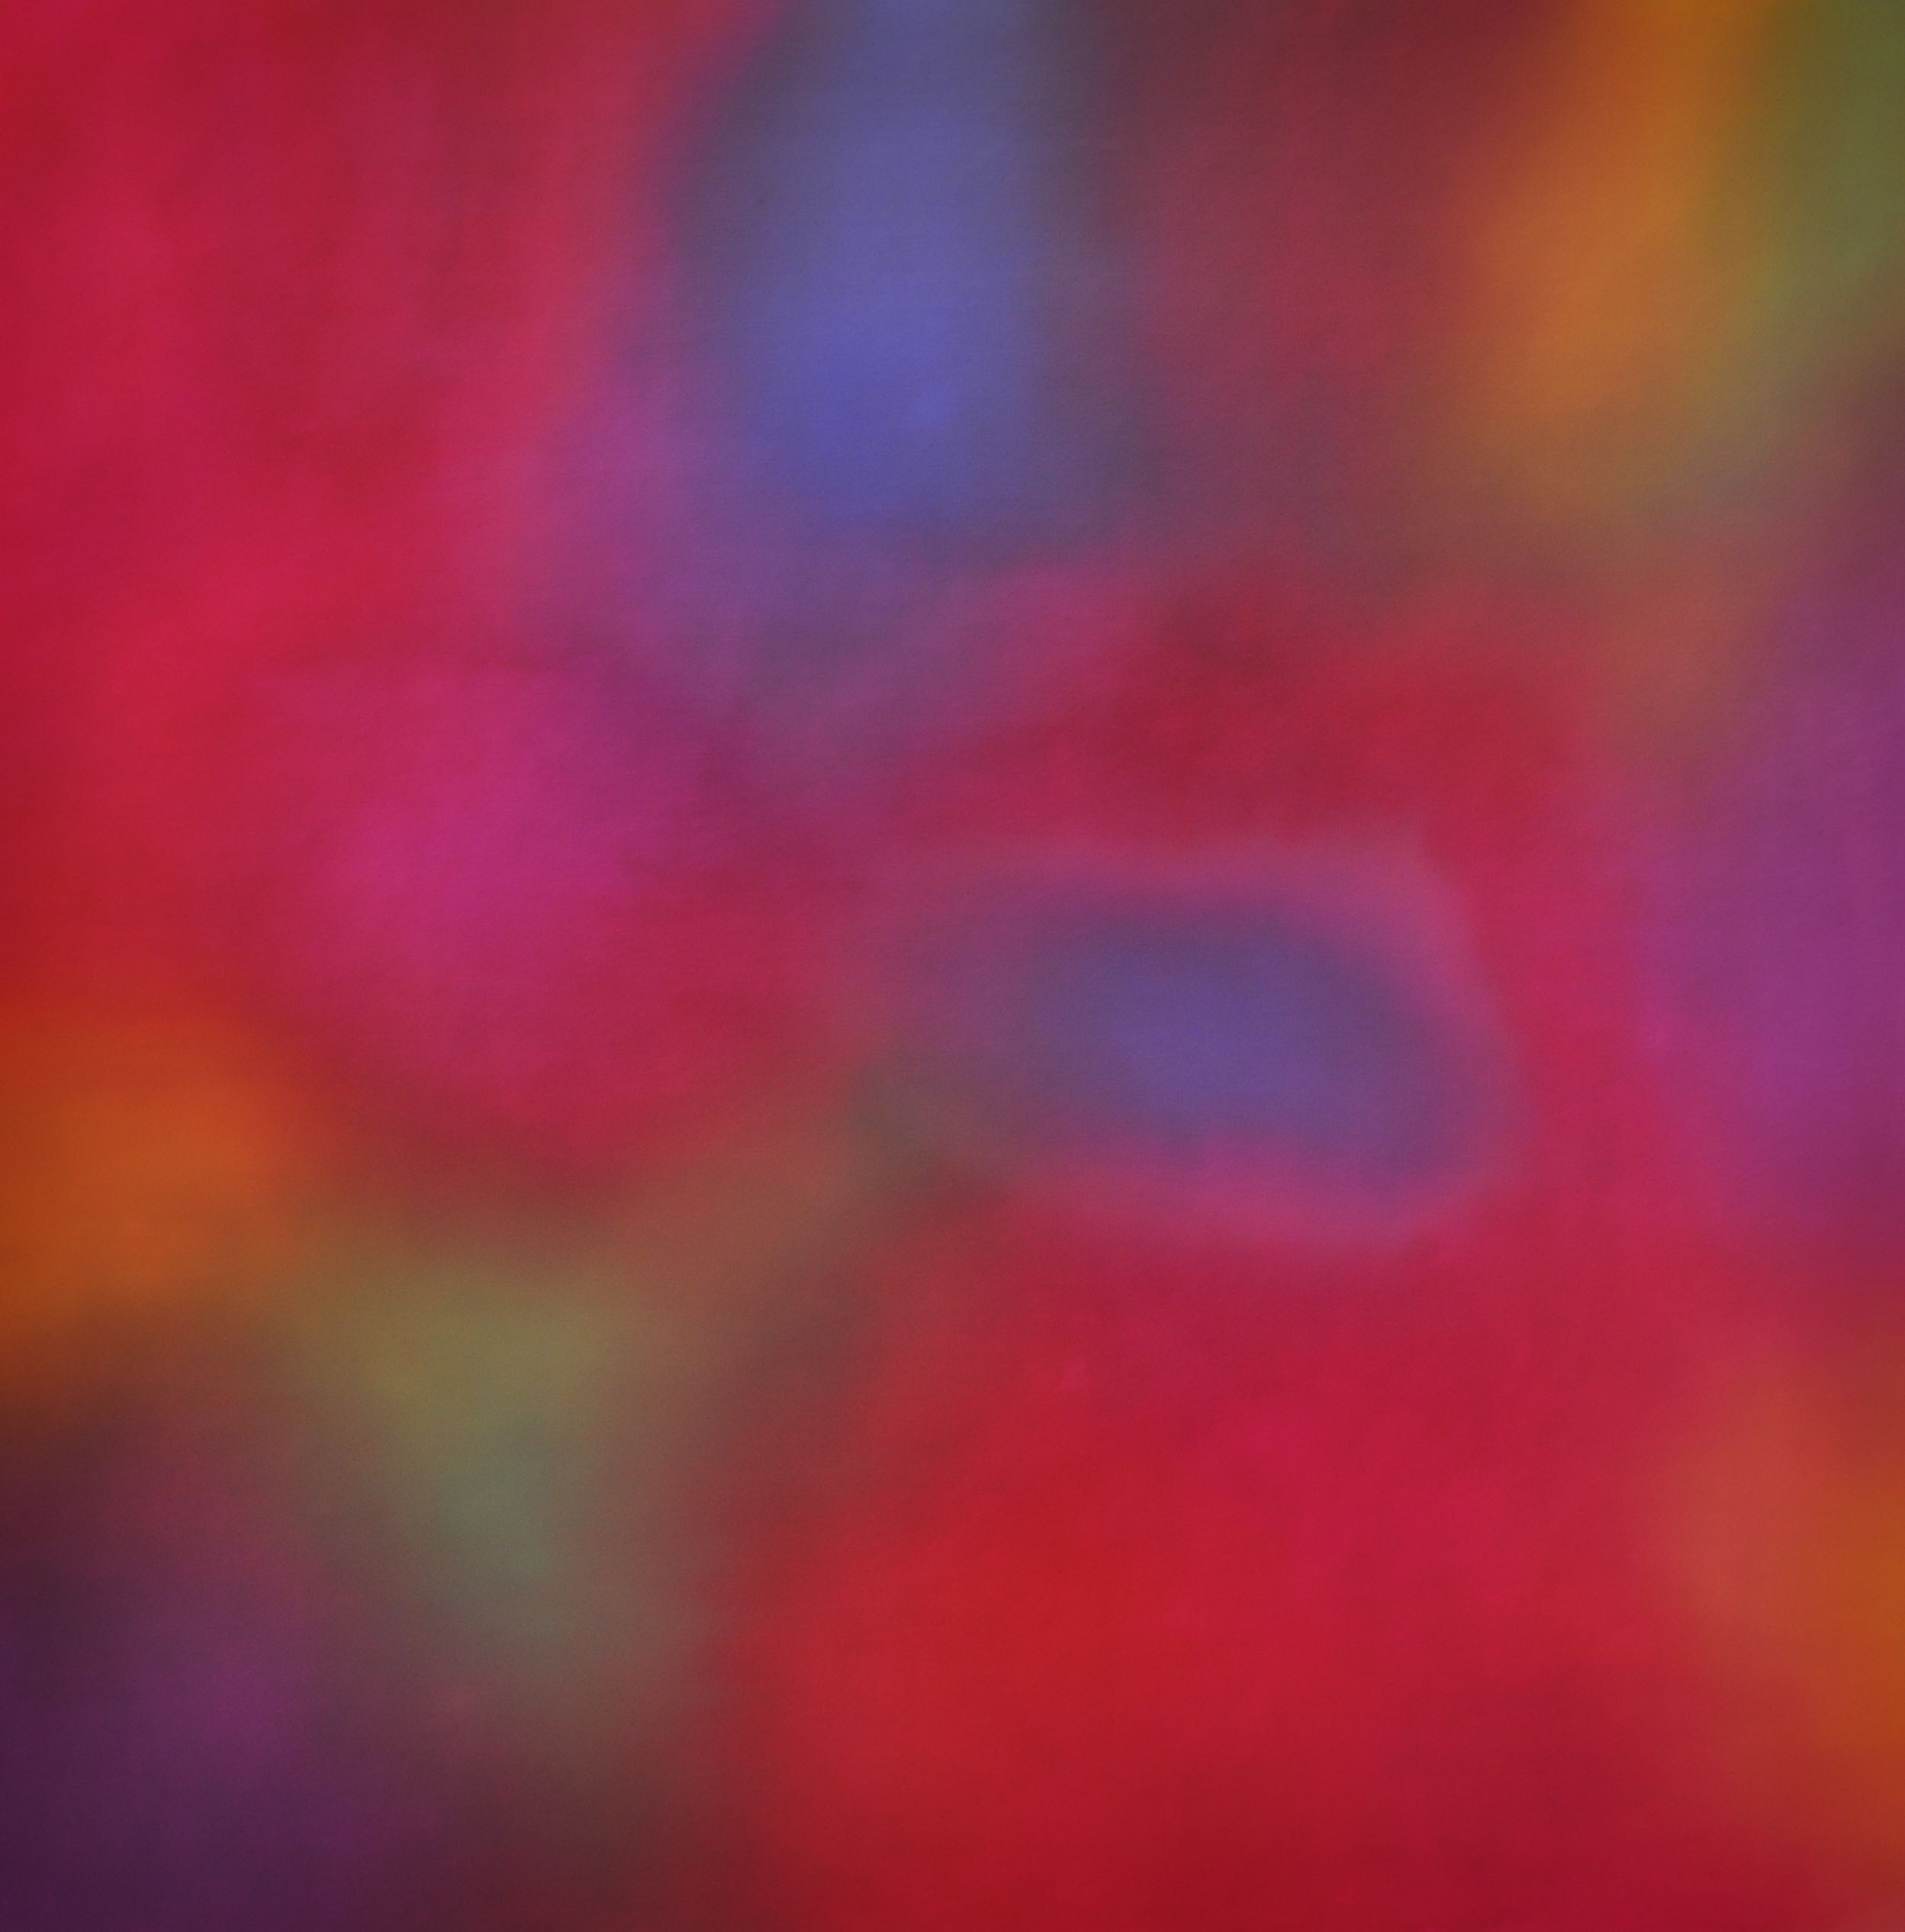 Rainbow 120x120cm Oil on Linen 2008